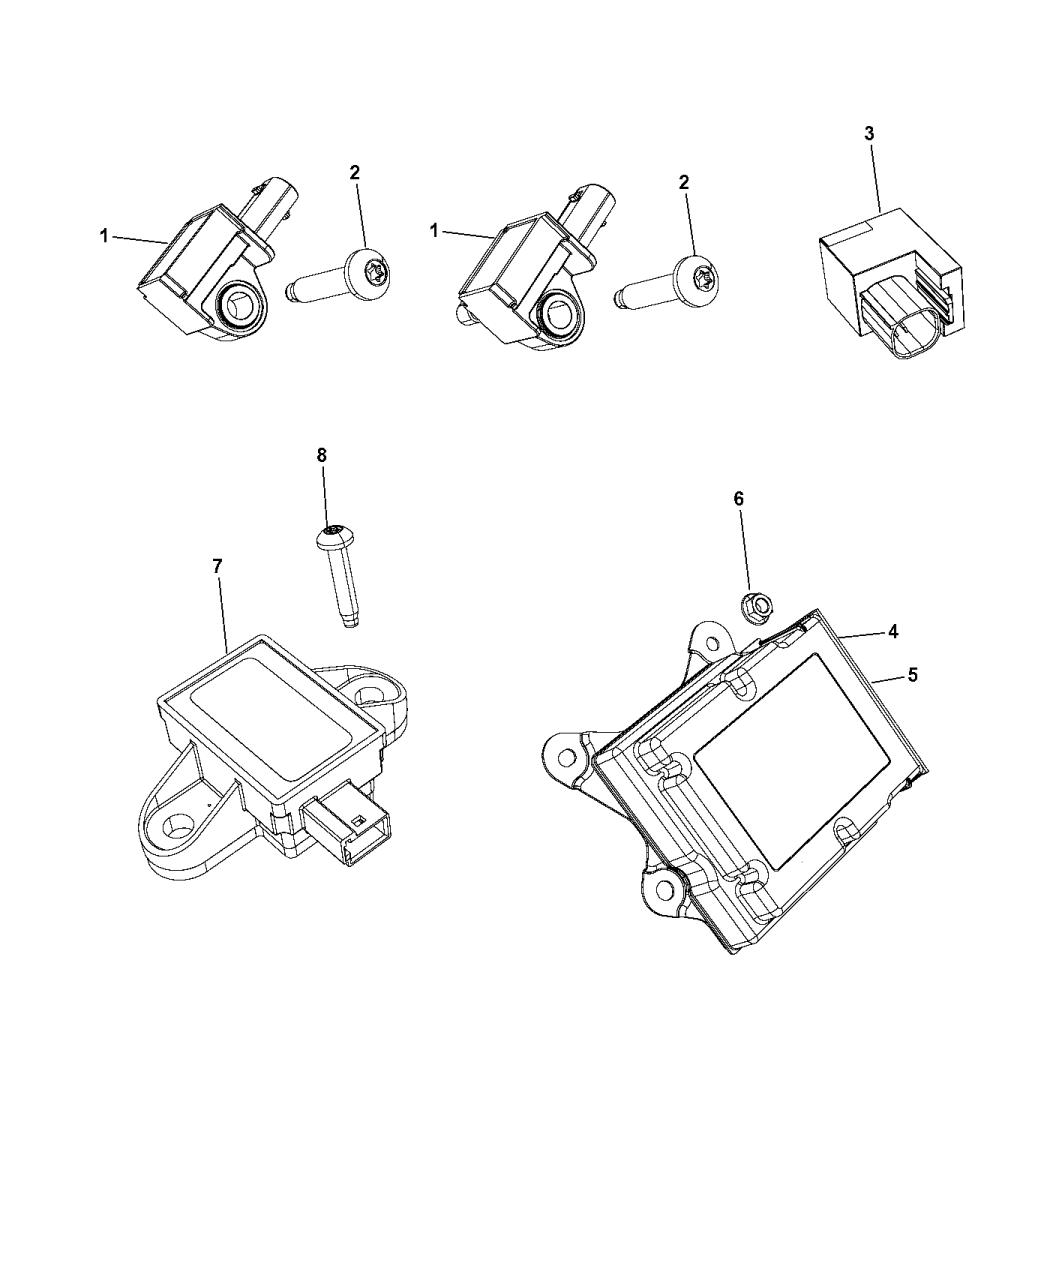 2017 Chrysler Pacifica Air Bag Modules Impact Sensors